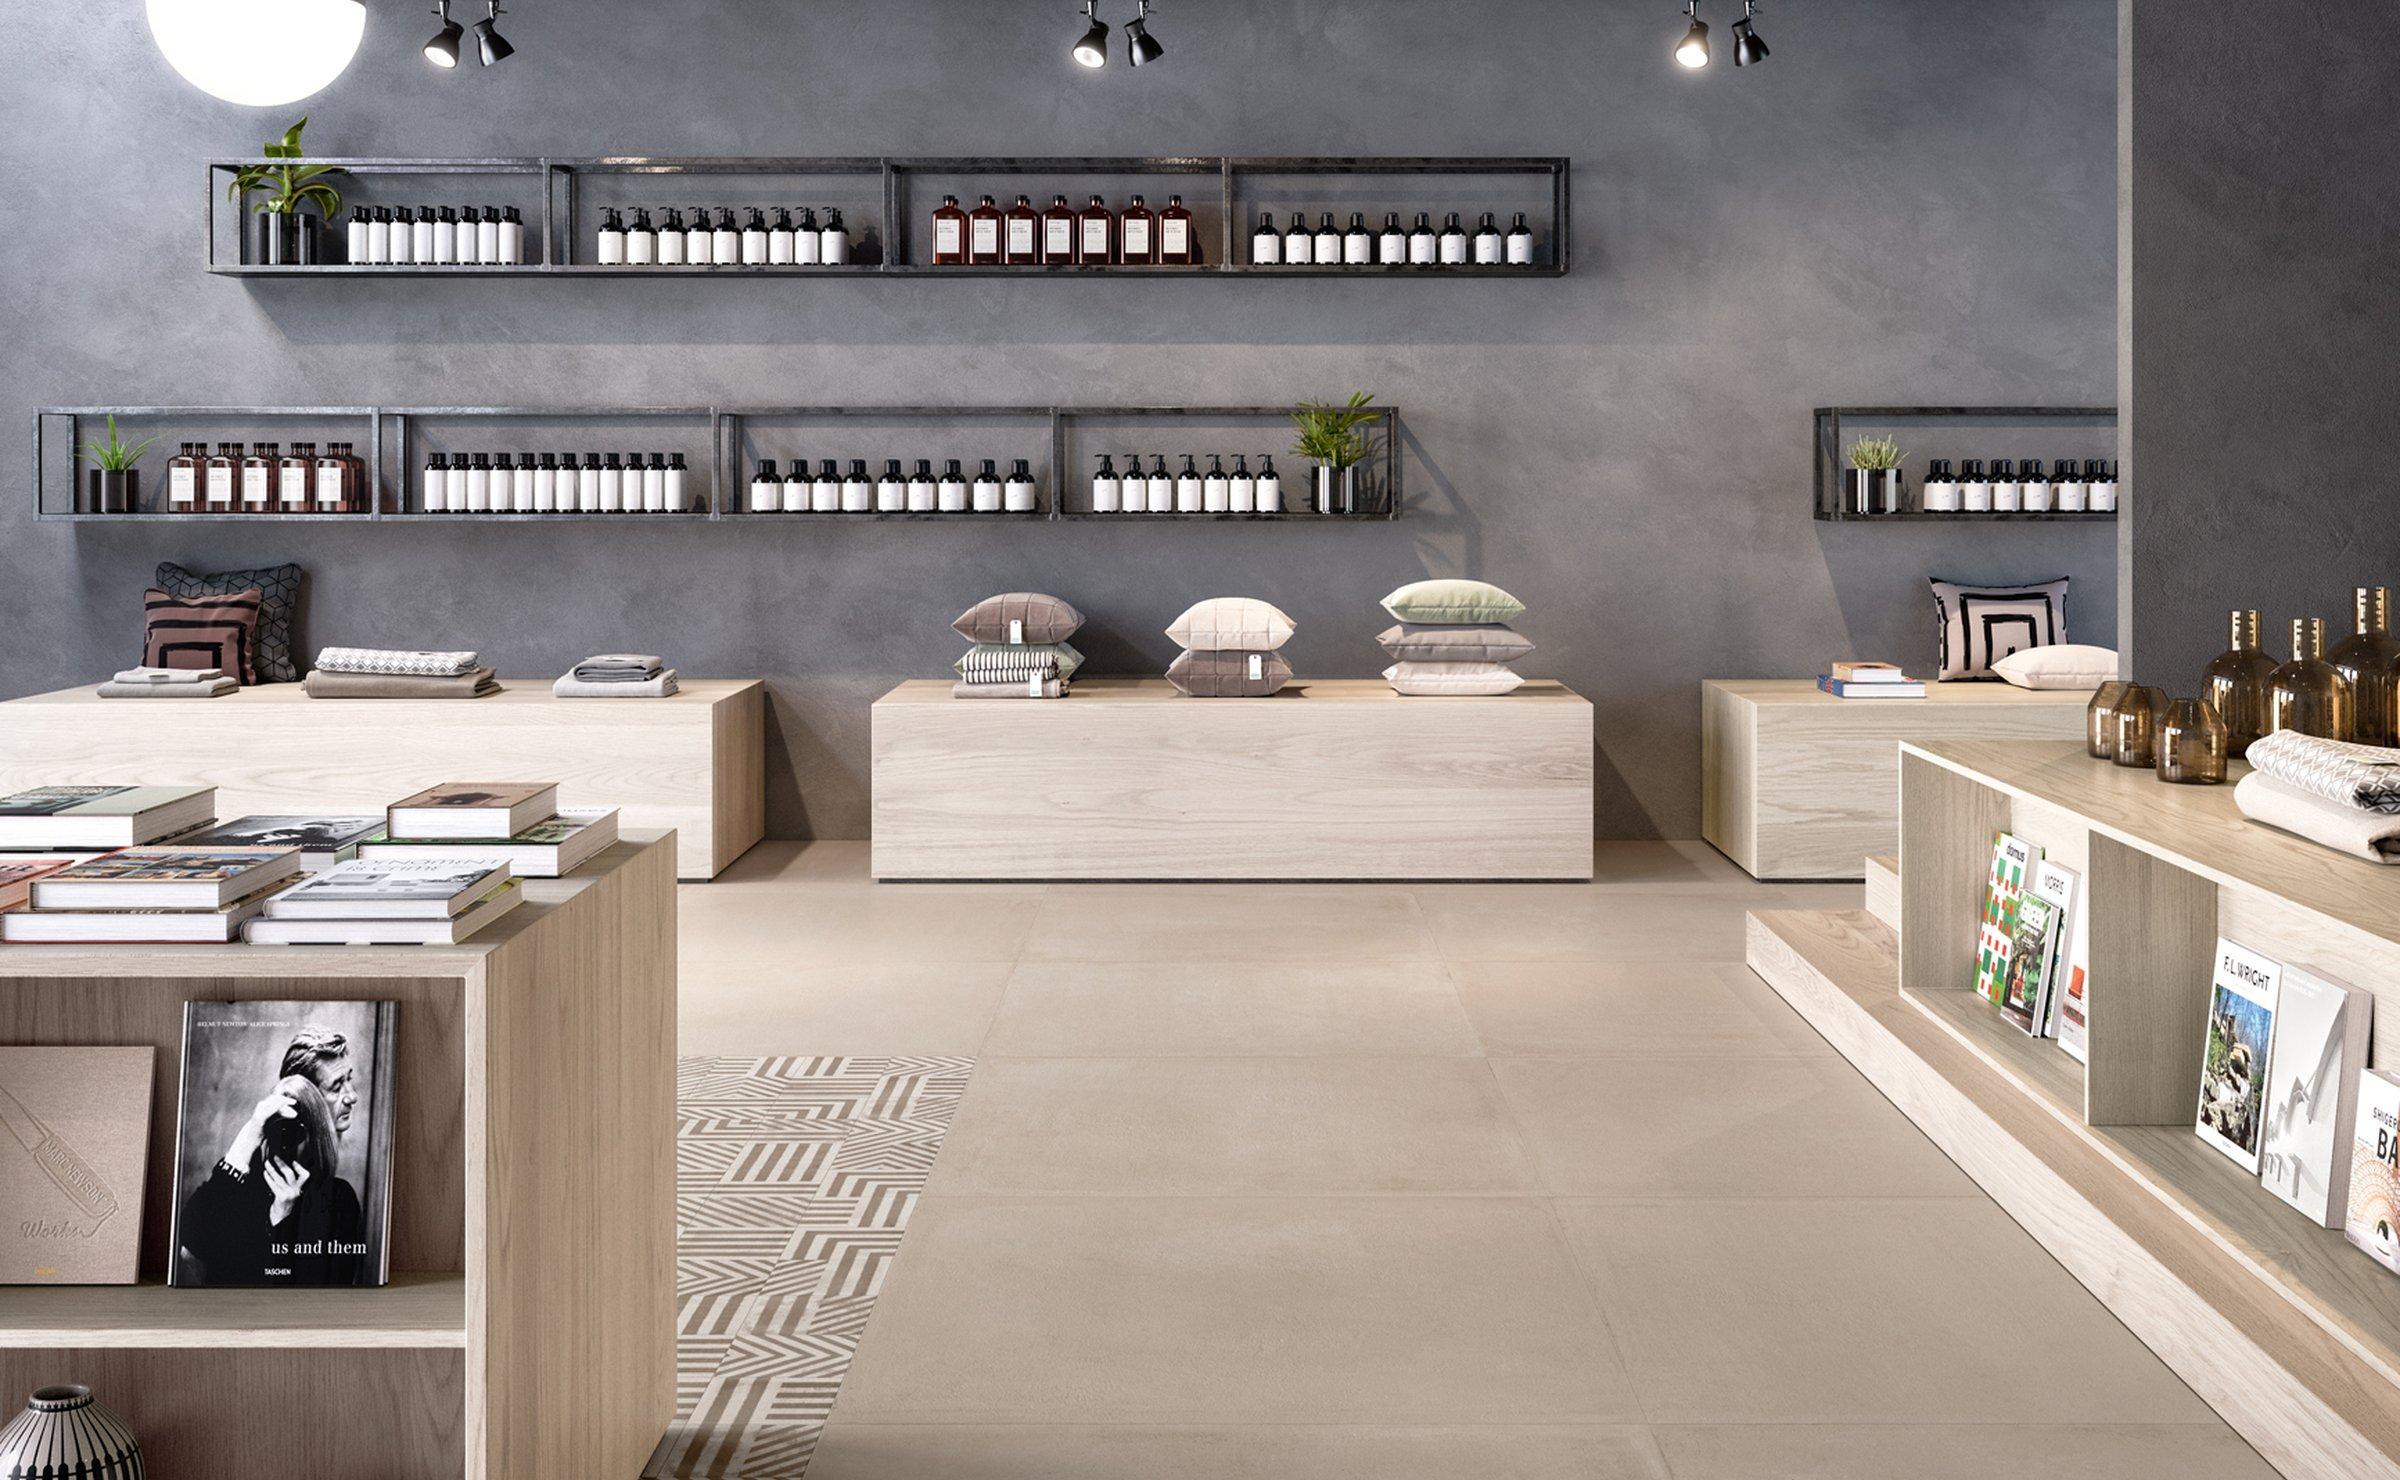 Piastrelle Ceramica Scheda Tecnica.Ritual Piastrelle E Pavimenti Effetto Argilla Ceramica Sant Agostino